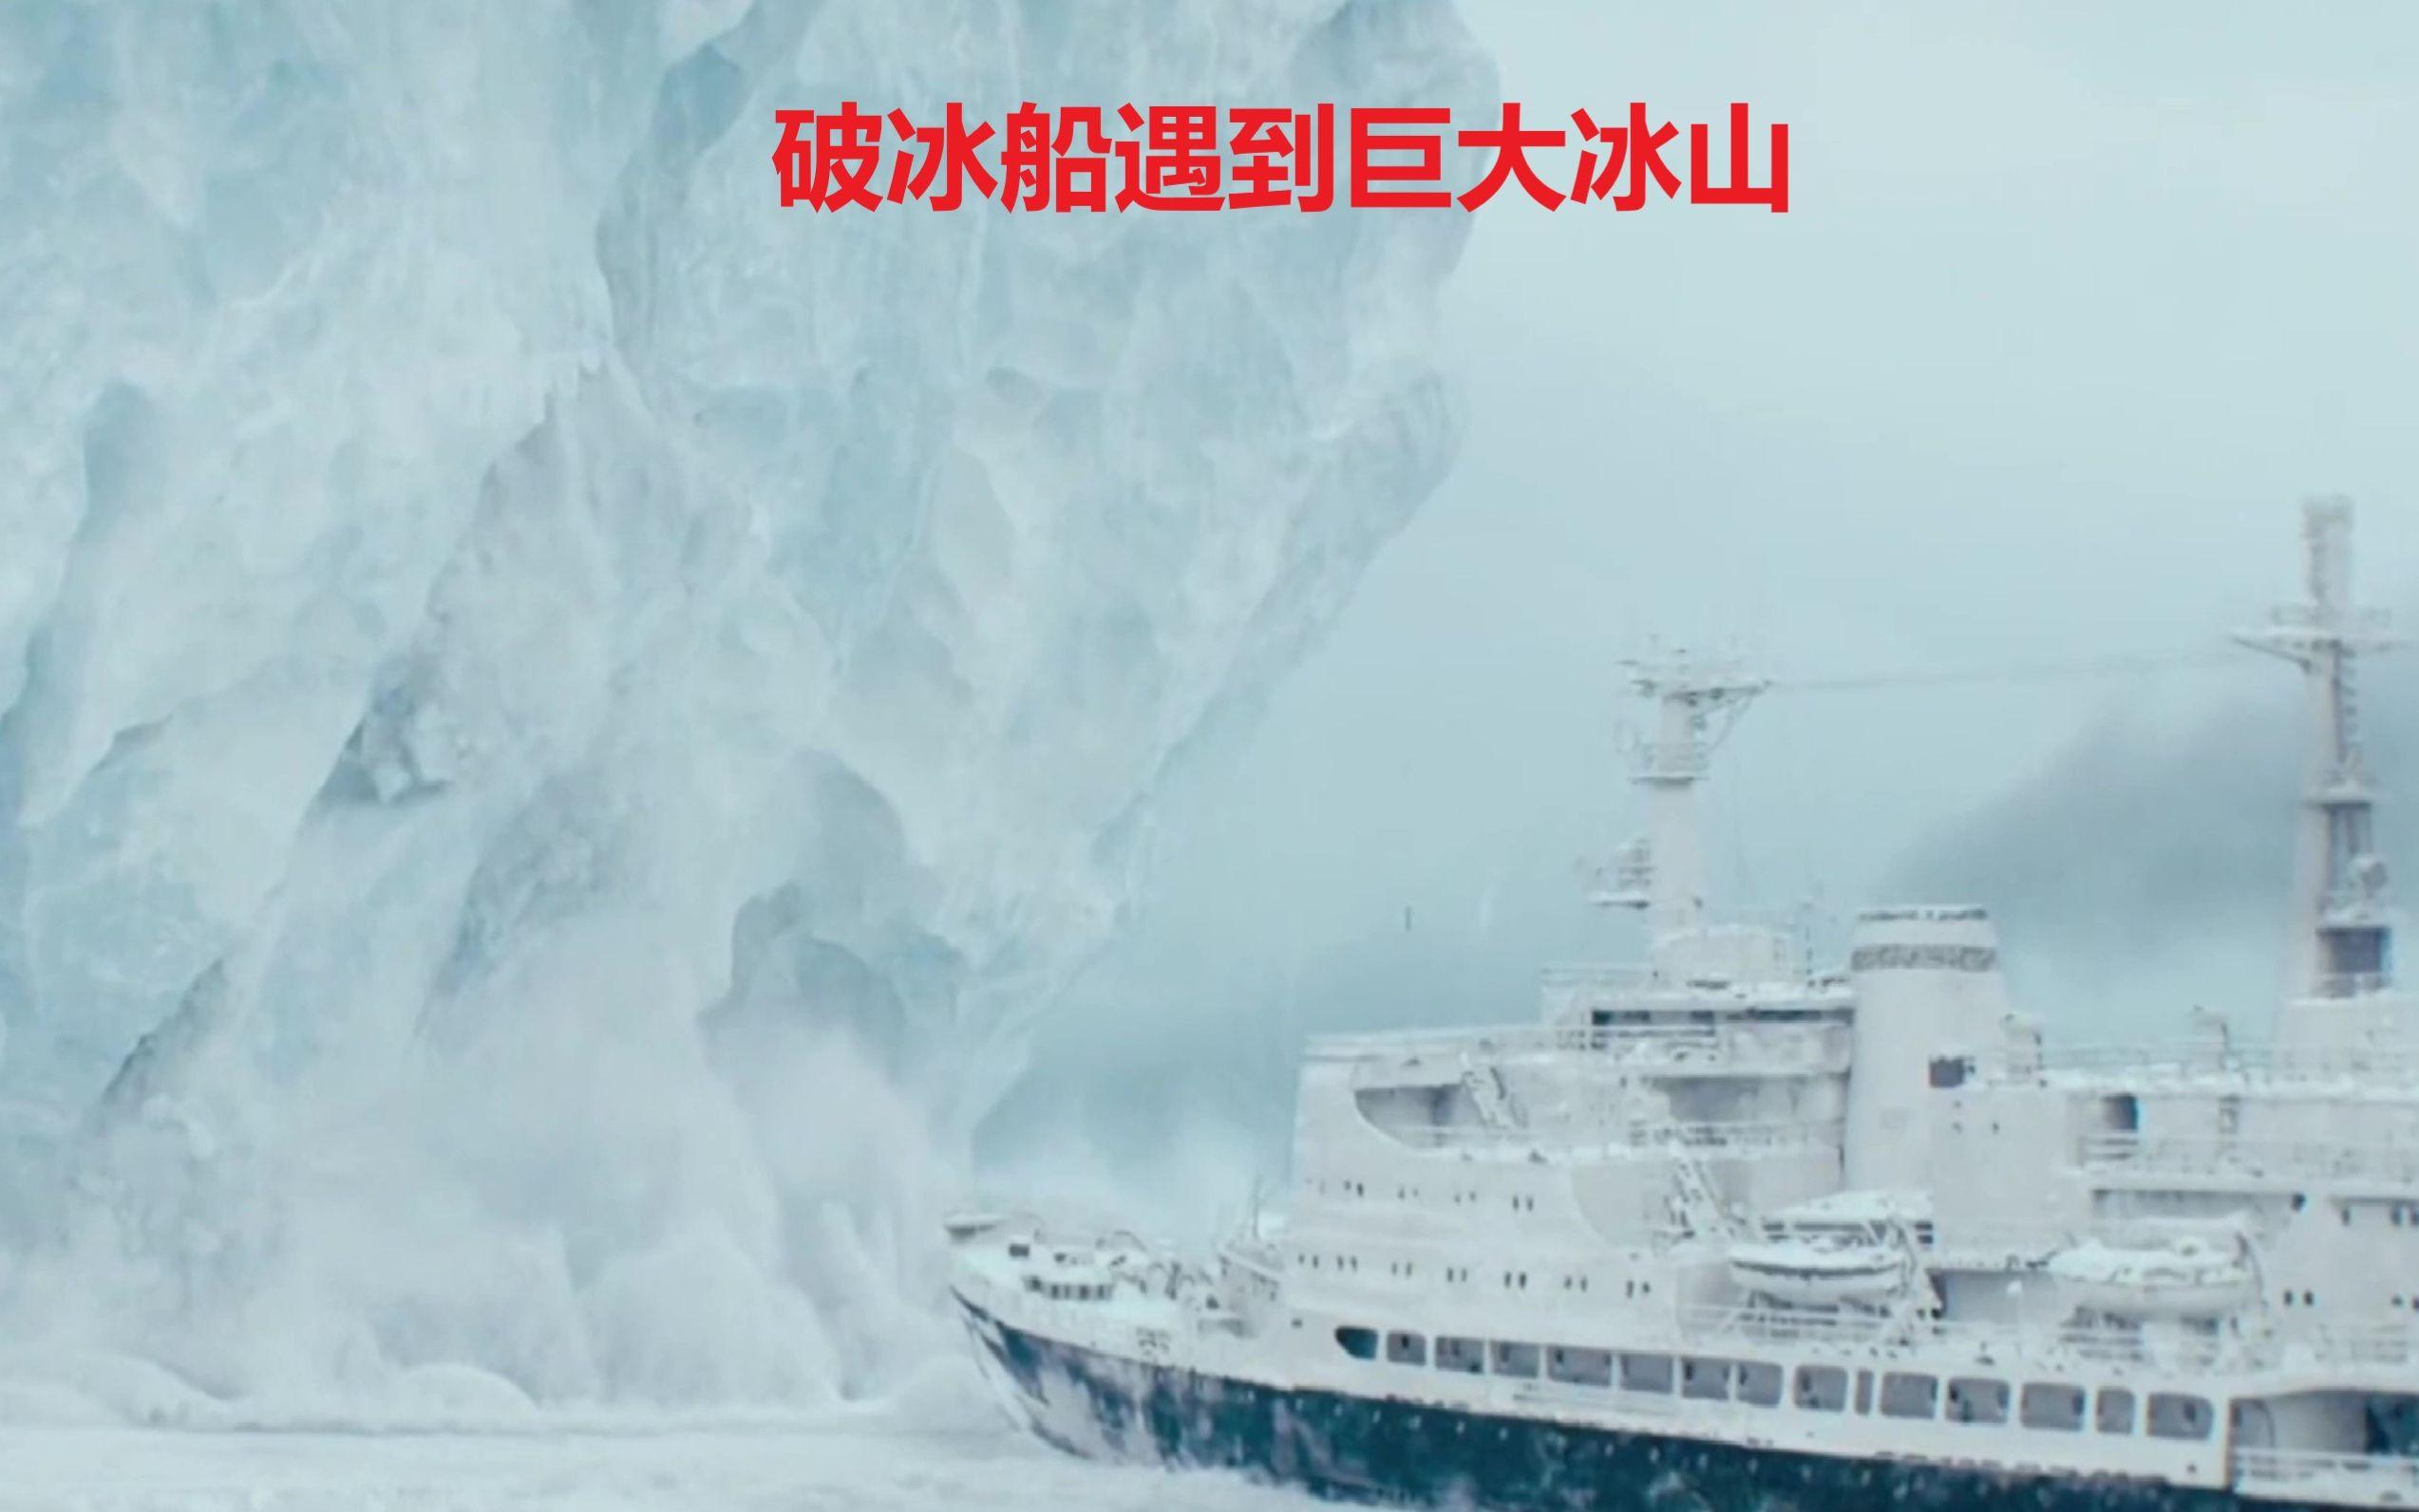 破冰船遇到巨大冰山,船员不顾冰山崩塌寻找爱犬,不幸命丧海底